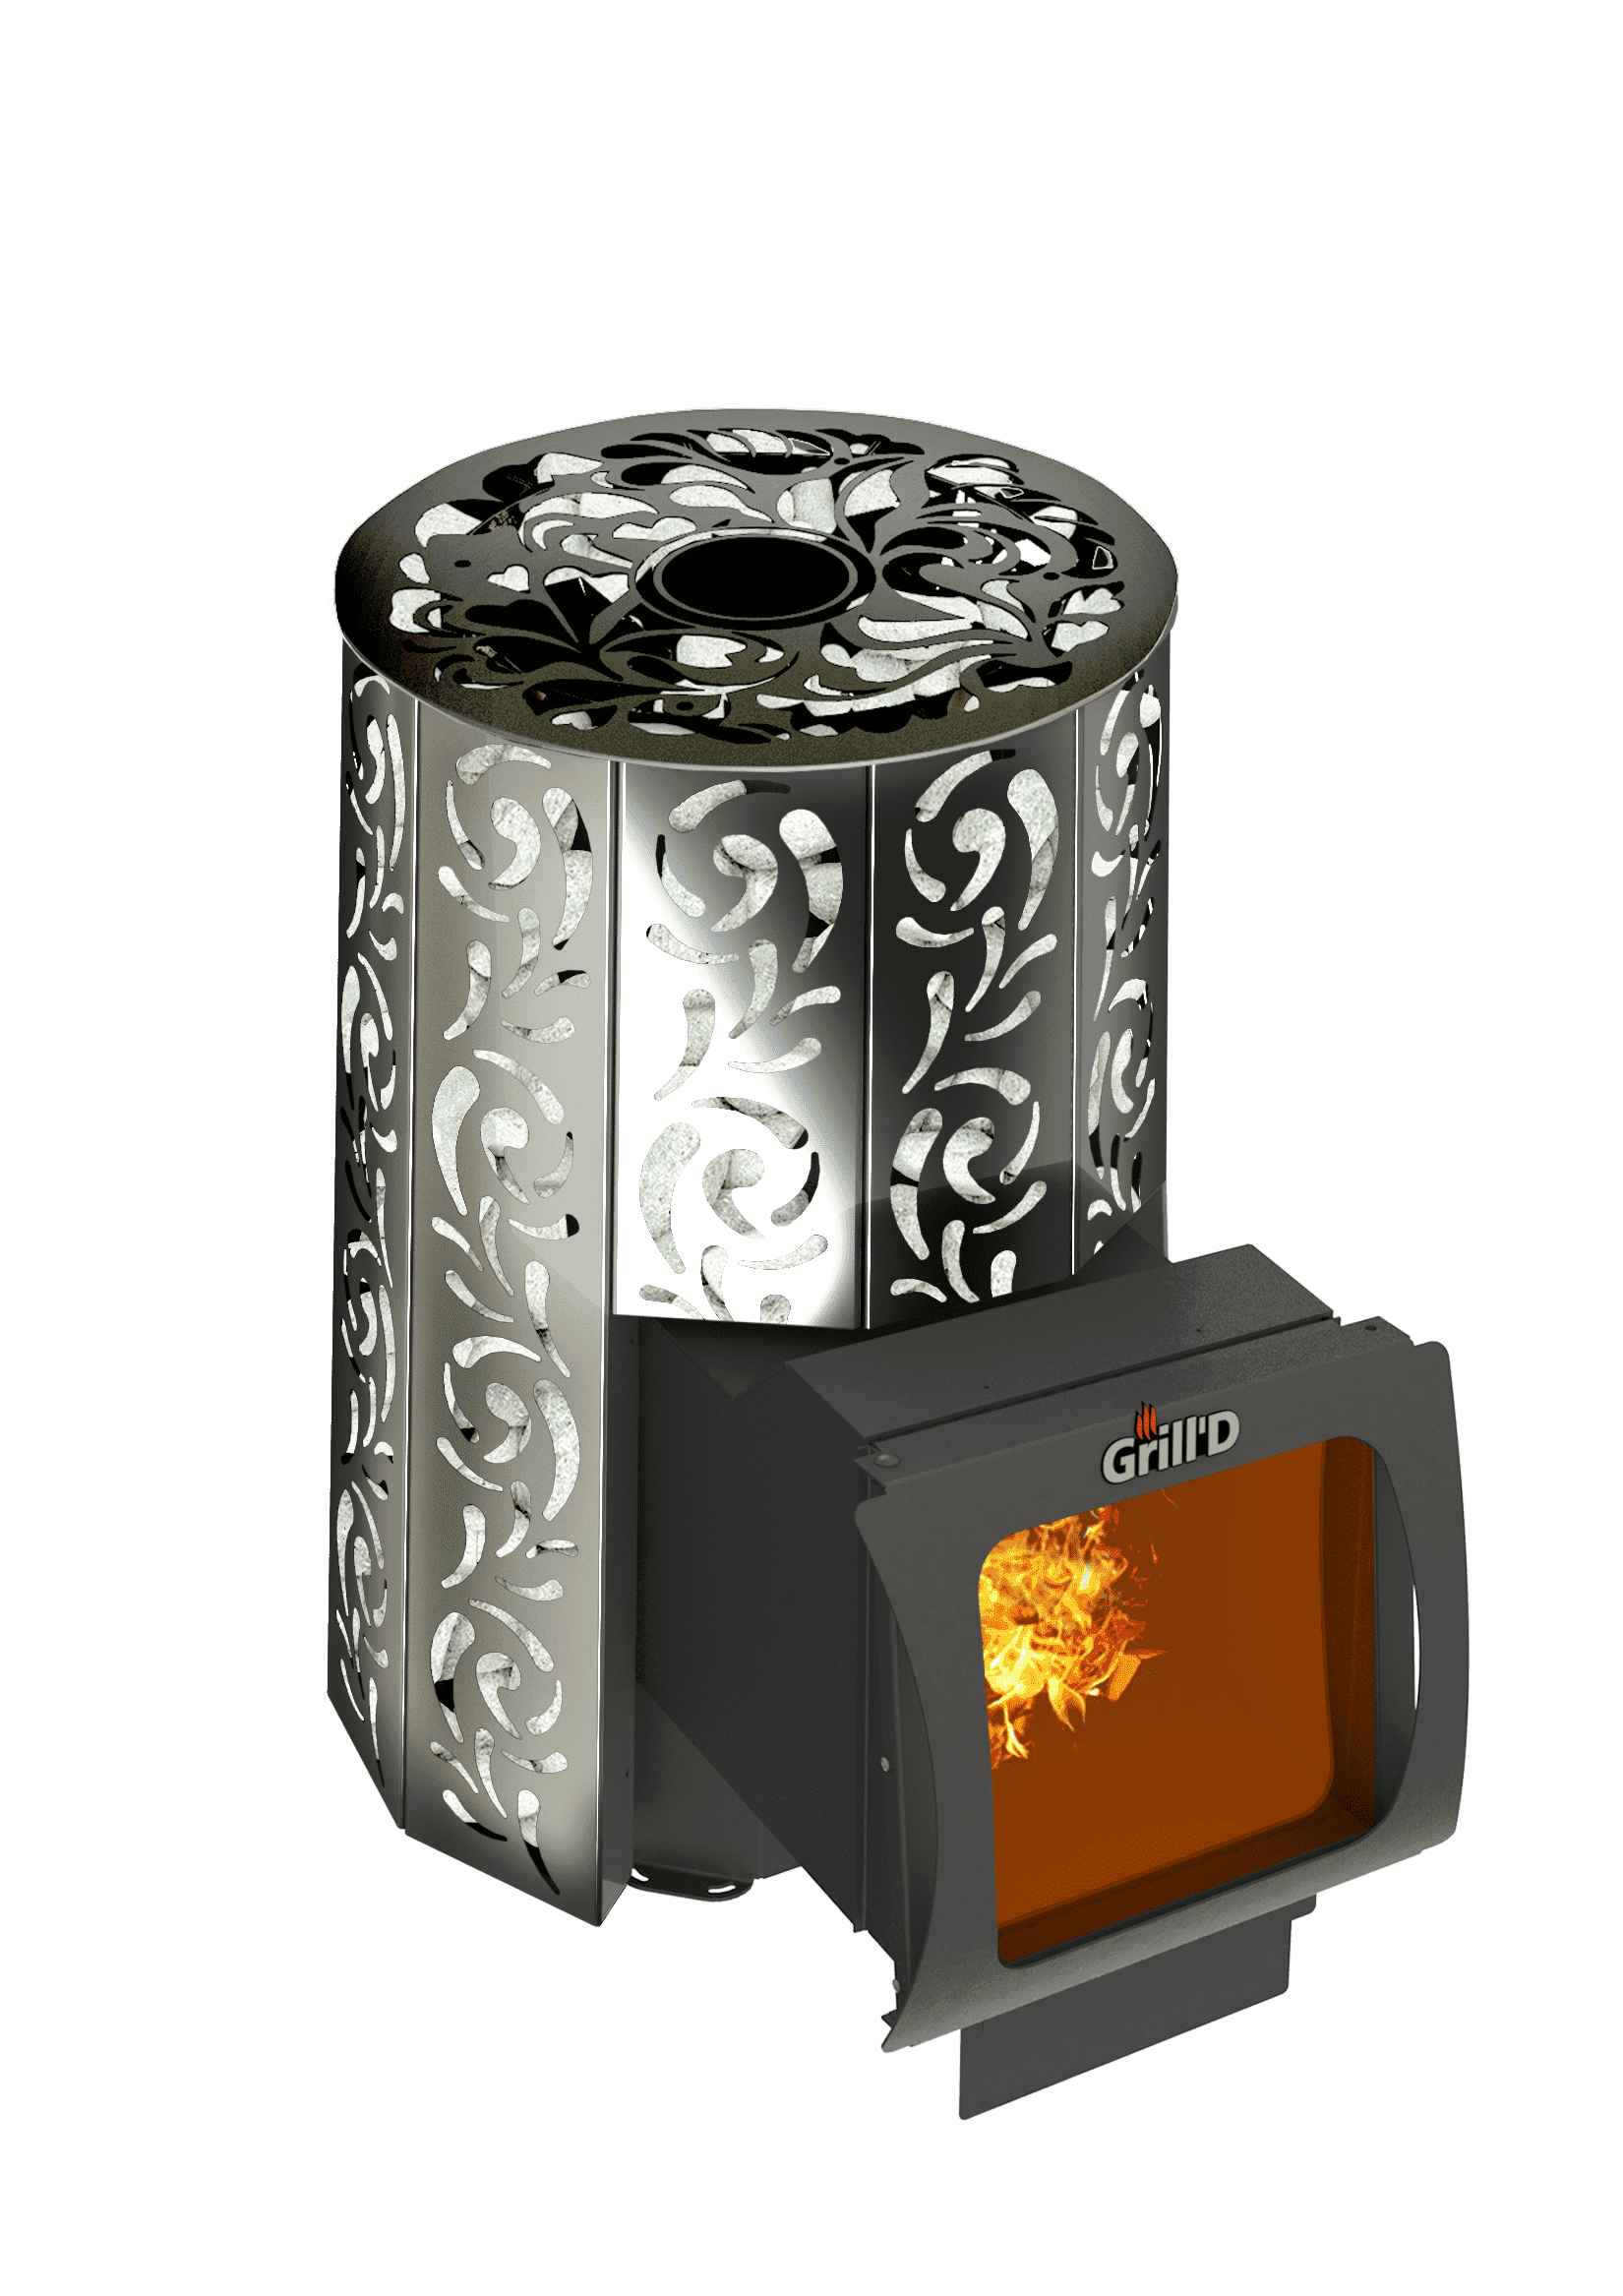 Банная печь Grill'D Violet Long Window Max (Жадеит 80 кг)